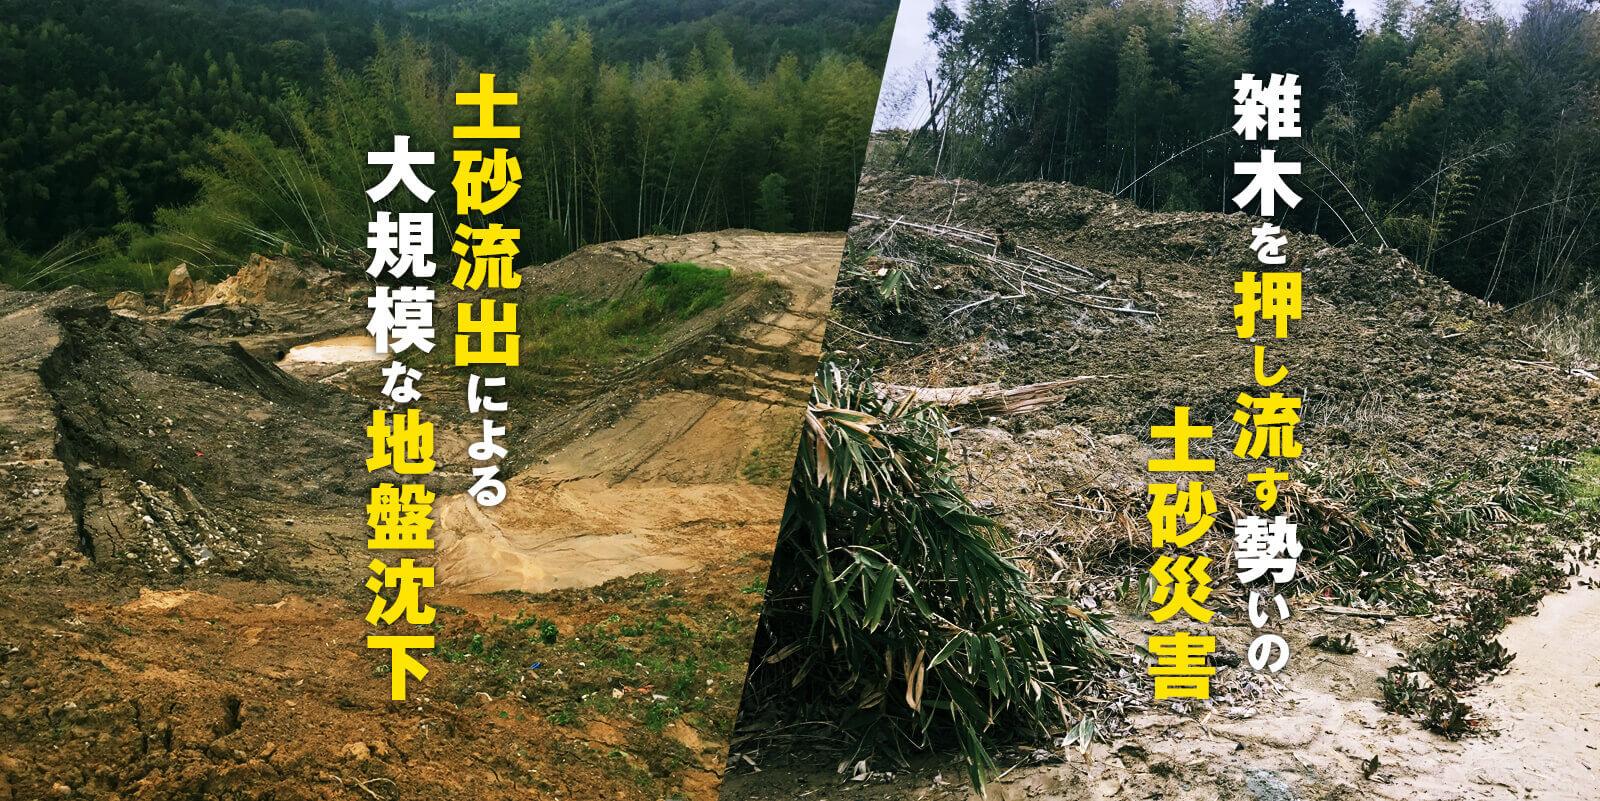 土砂流出による大規模な地盤沈下・雑木を押し流す勢いの土砂災害